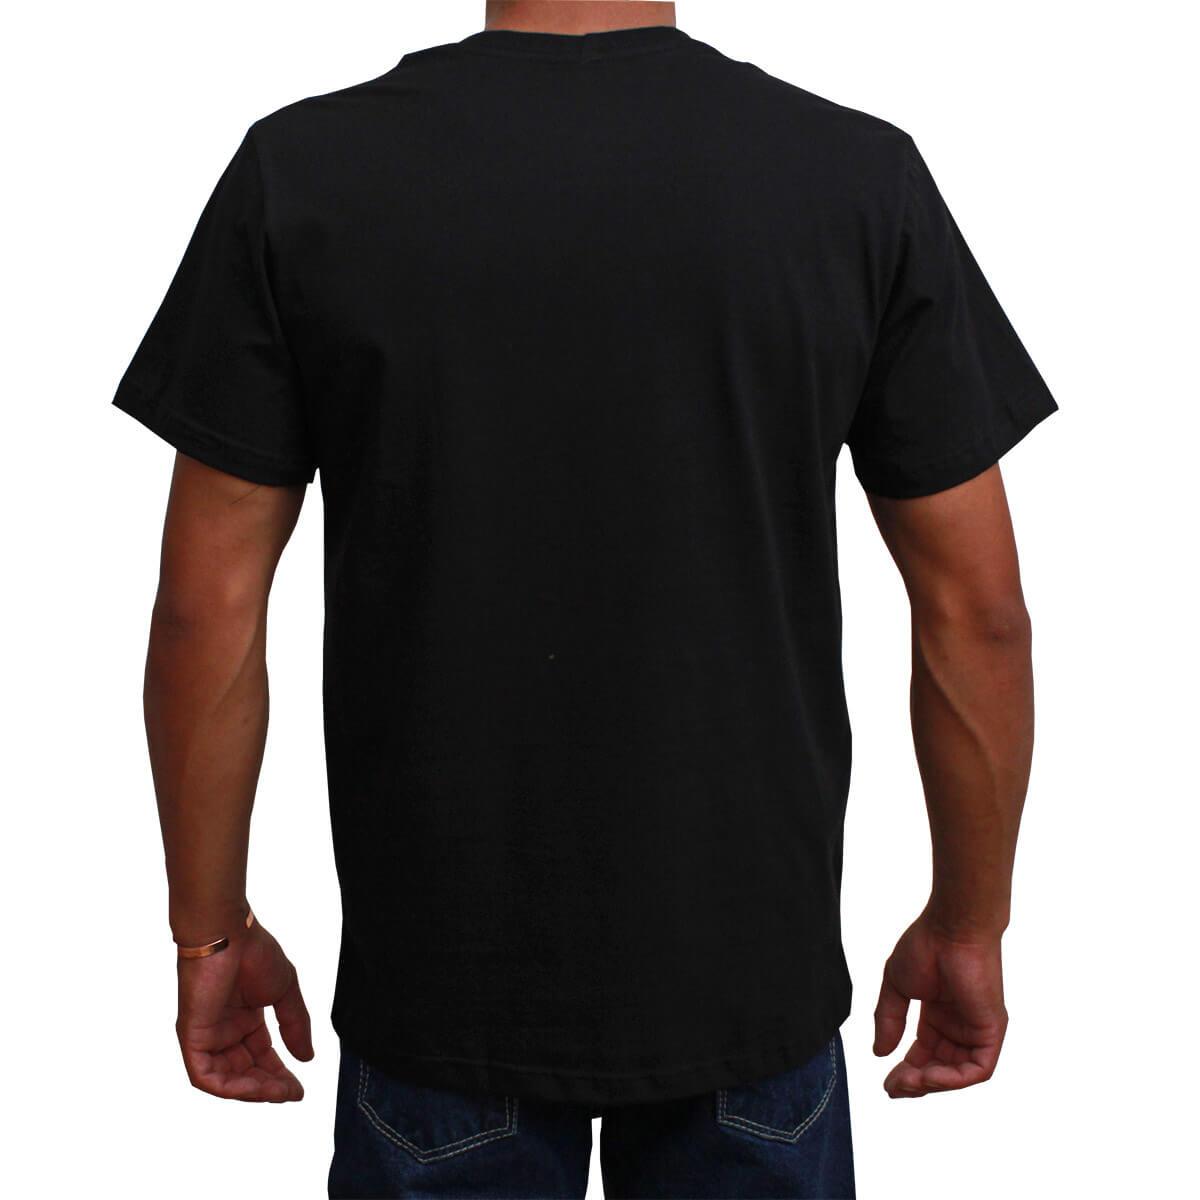 Camiseta Indian Farm Preto Team Roping